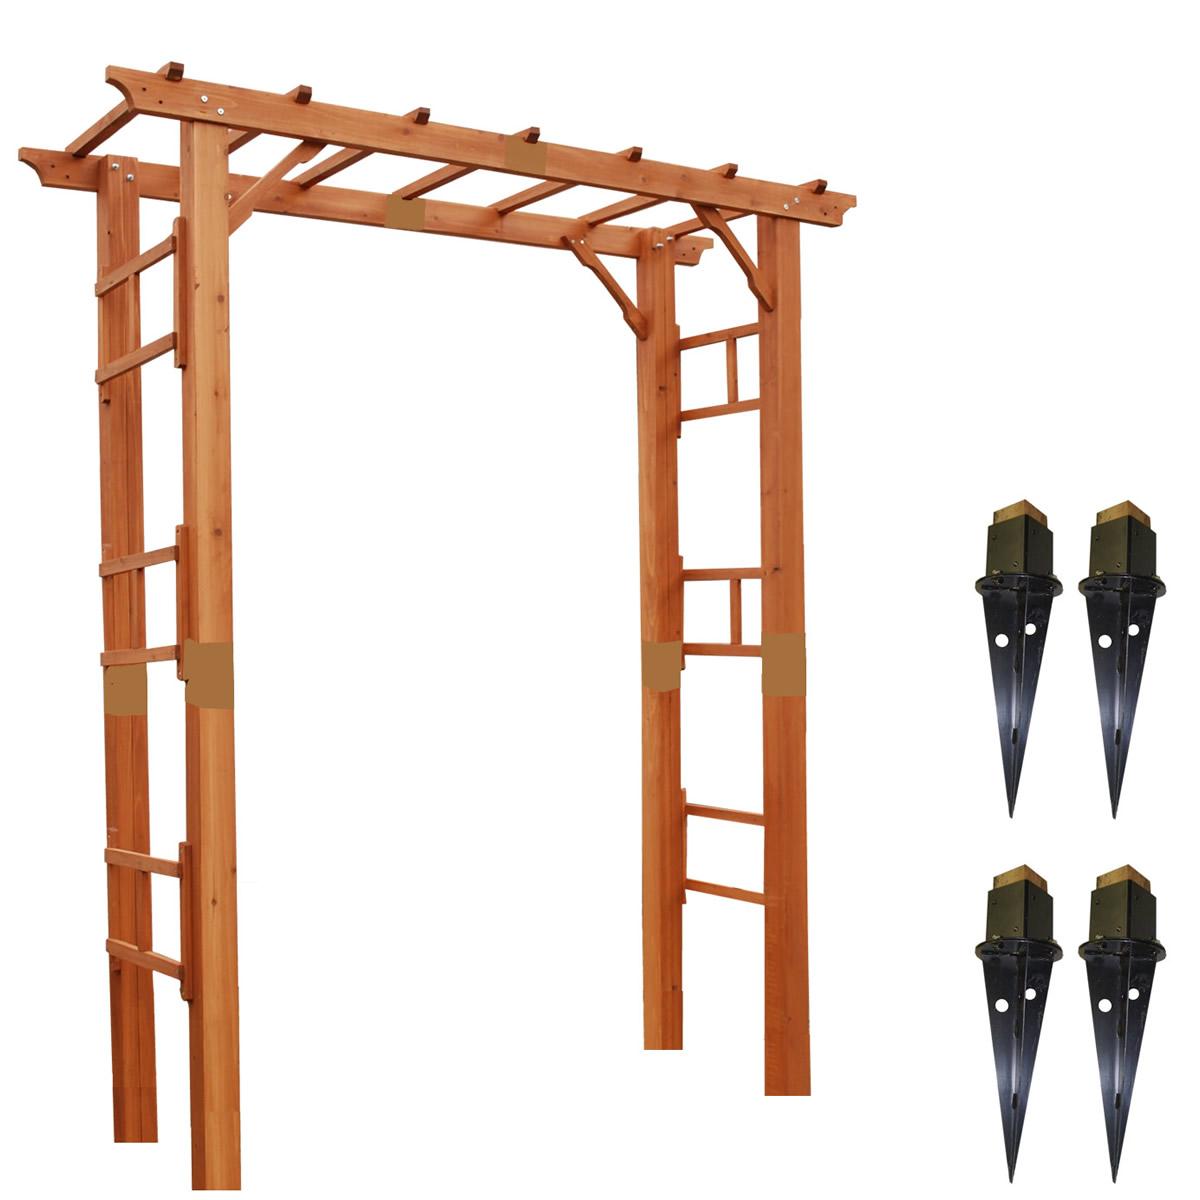 【上品】 天然木製フレックスパーゴラアーチ190(埋め込み金具セット) FLPG-R1900UB-SET:西新オレンジストア-エクステリア・ガーデンファニチャー